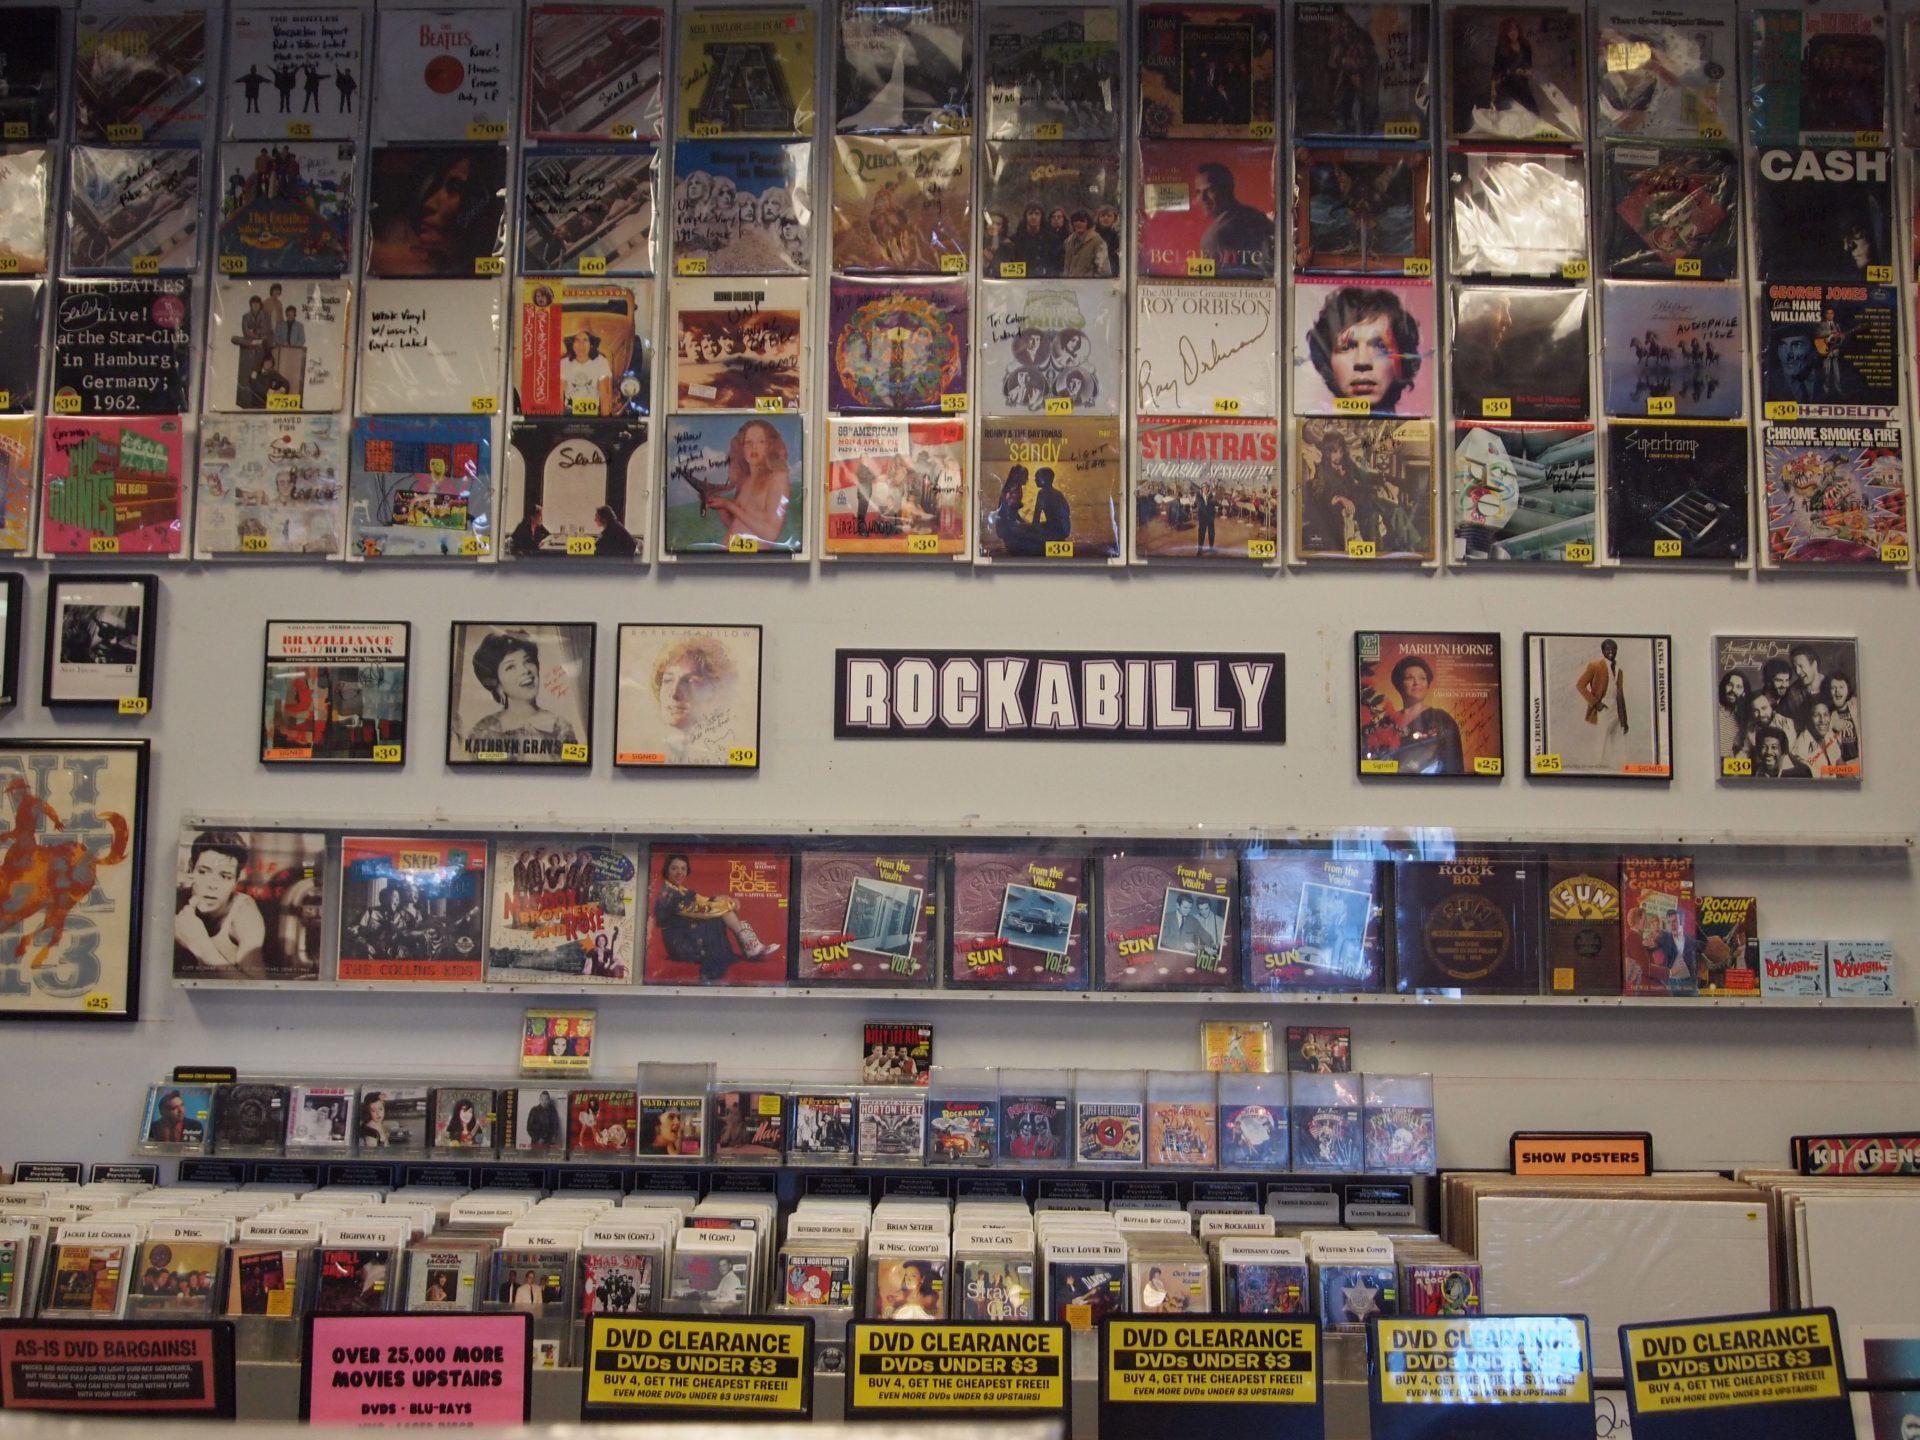 Una foto alla sezione Rockabilly fh gloria